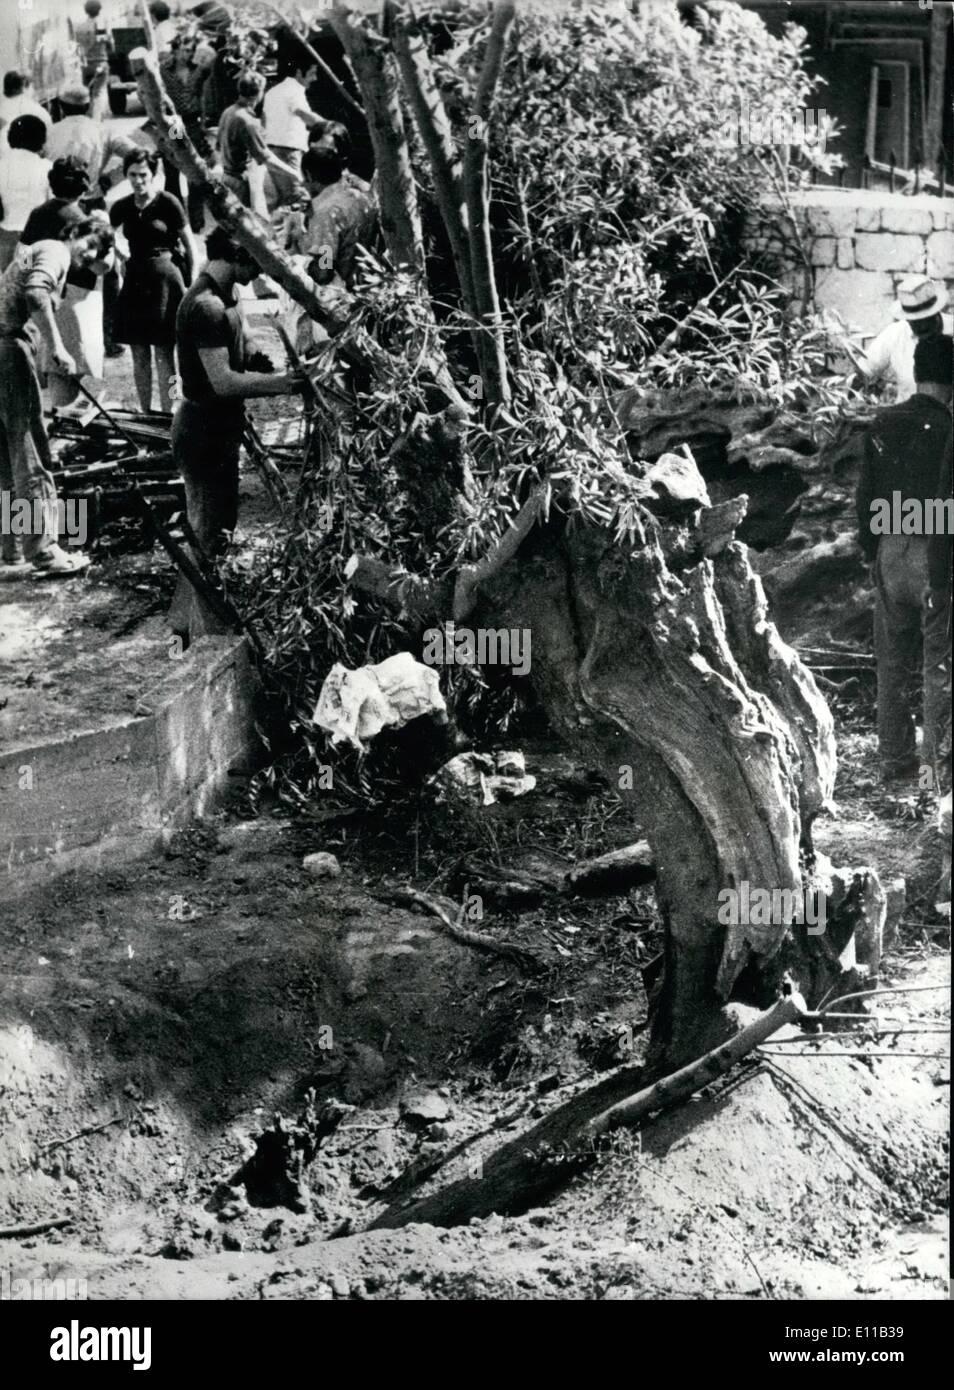 10 octobre 1976 - Arbre de Platon: endommagé l'arbre sacré de la cité d'Athènes , les 2 500 ans, a été endommagé Banque D'Images